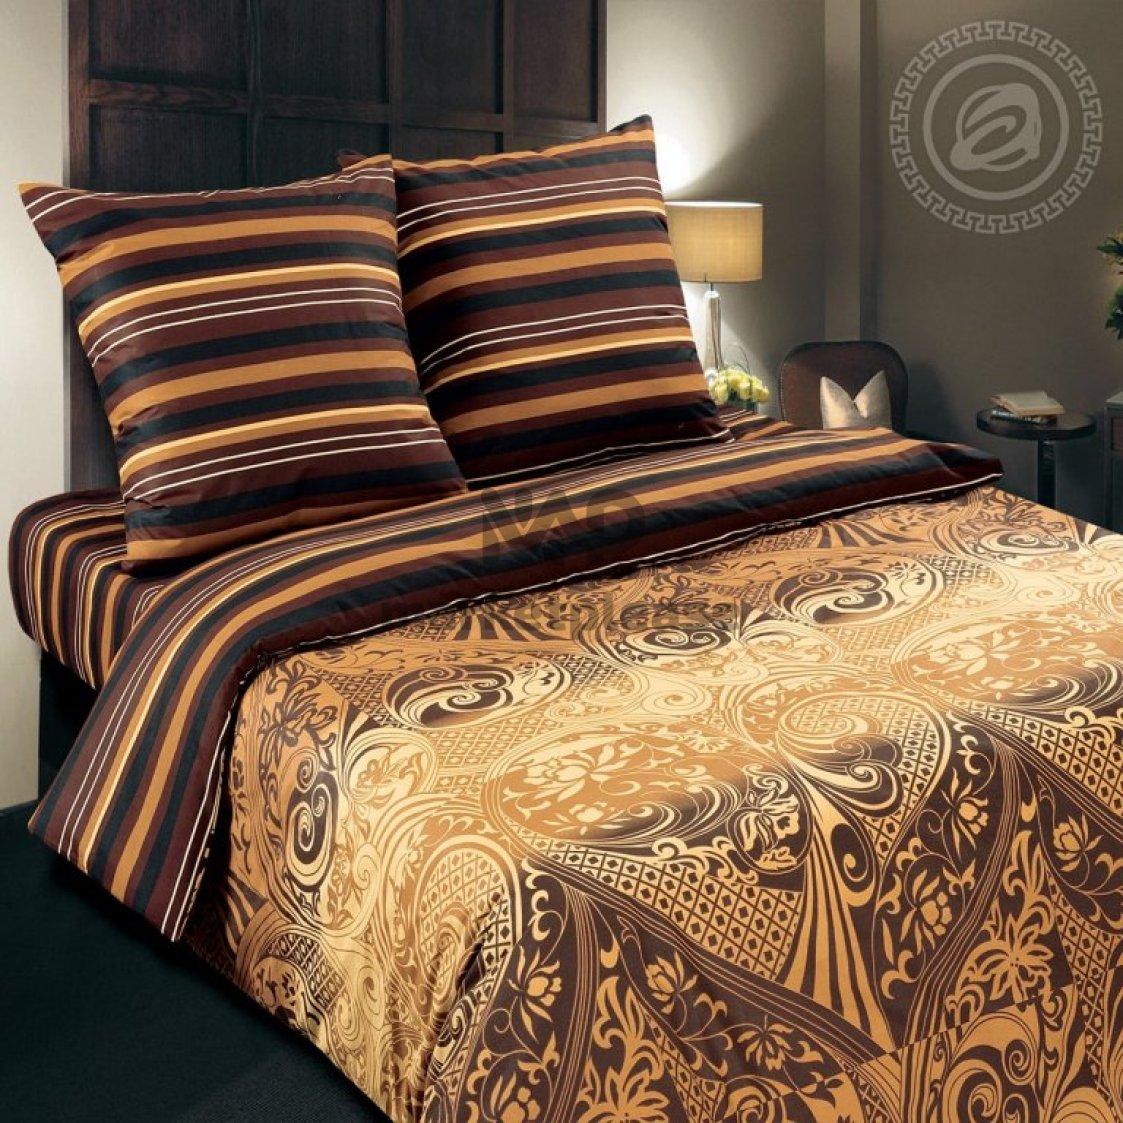 """Рулон ткани поплин """"Арабика"""" 220 см."""